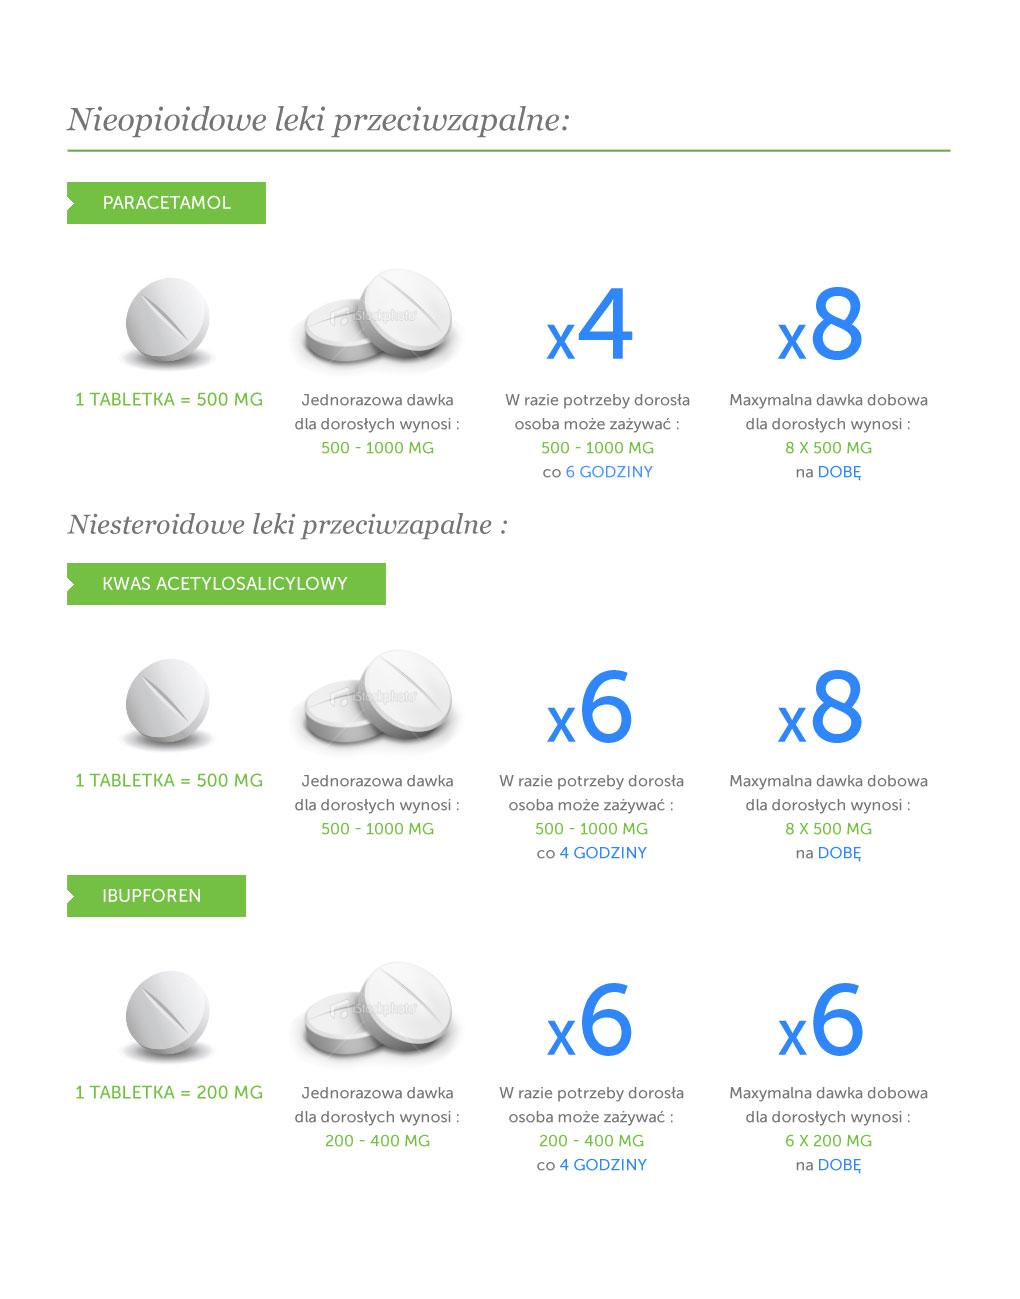 niesteroidowe leki przeciwzapalne ibuprom